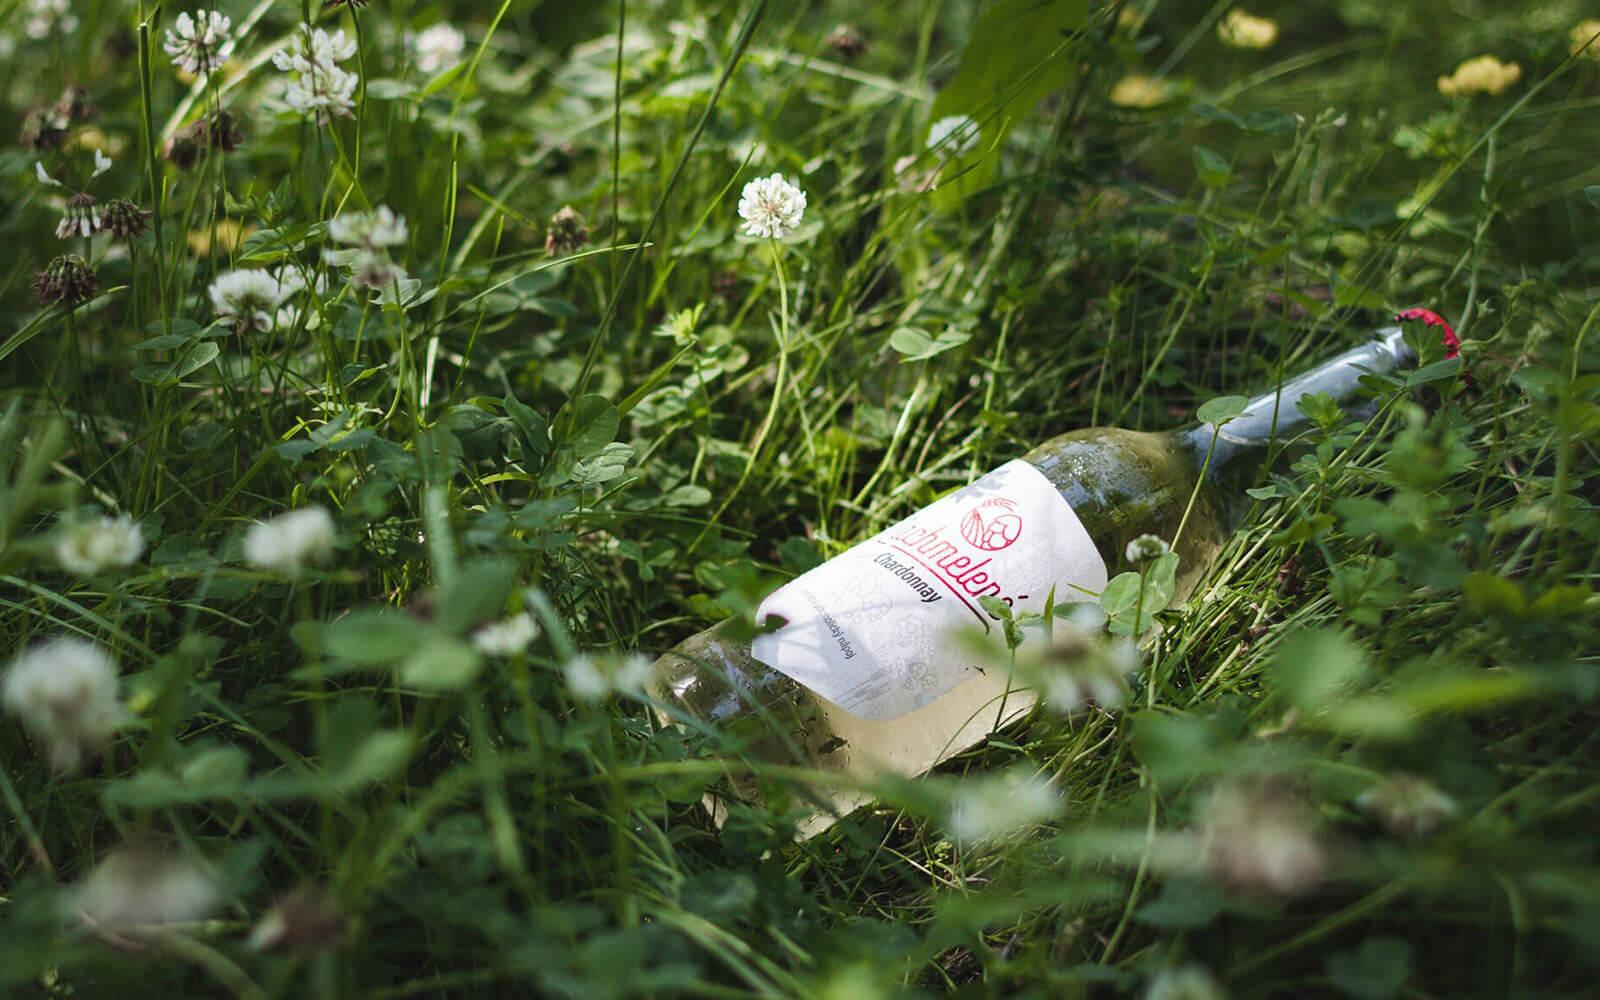 Foto láhev Nachmelené ležící v trávě